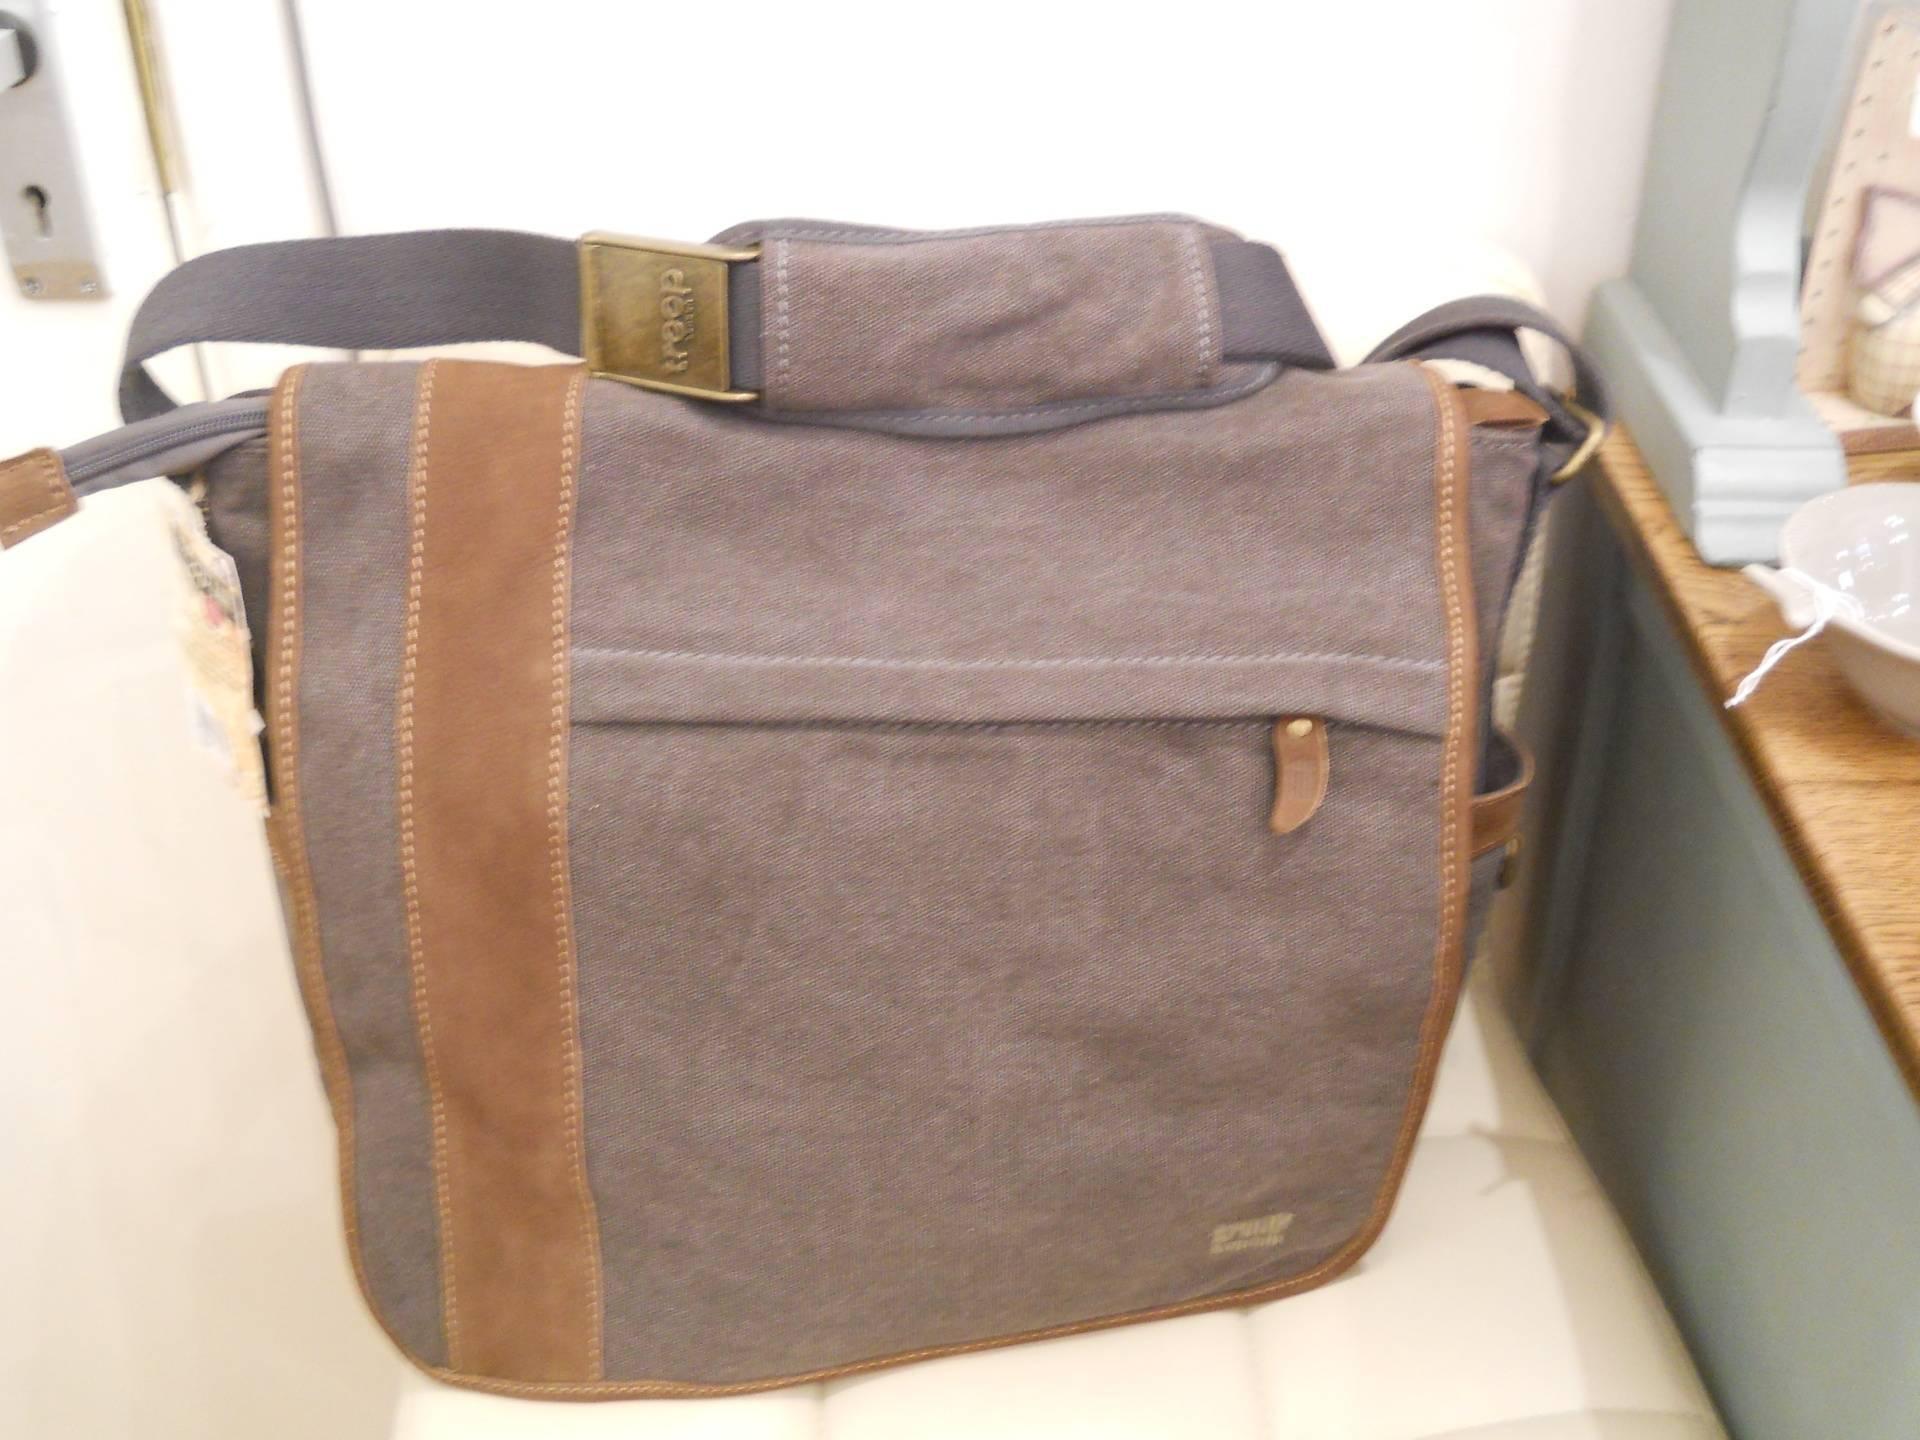 Laptop bag by Troop